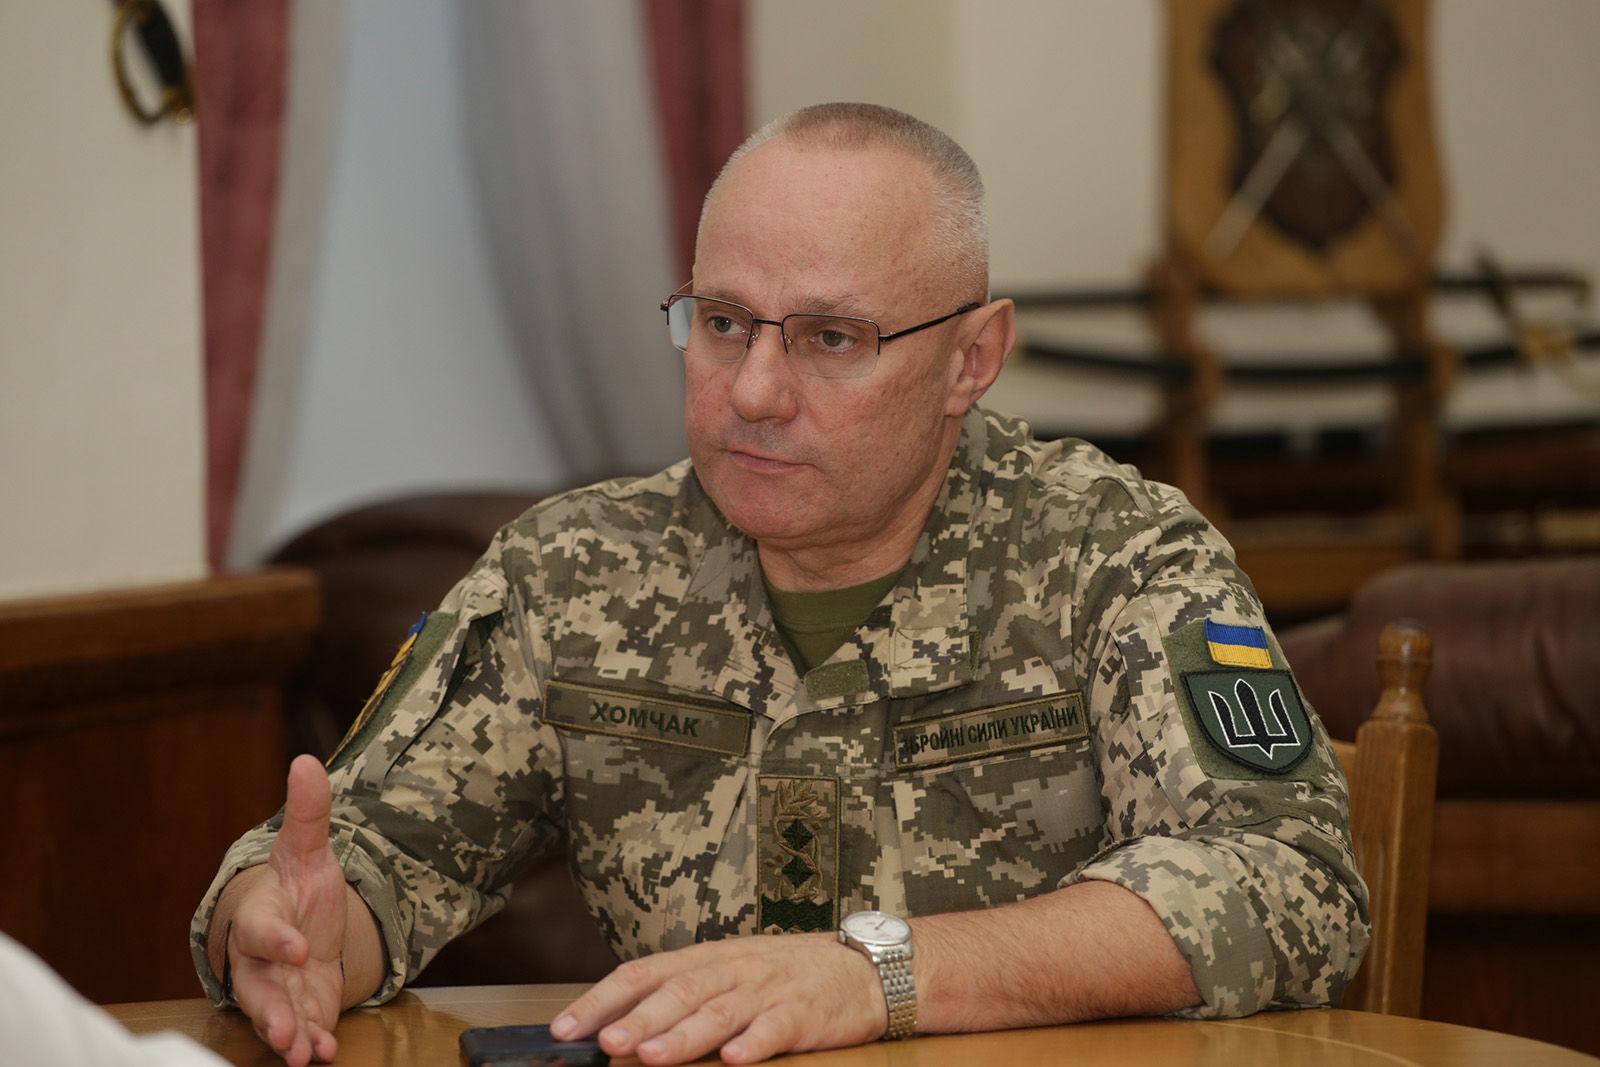 Хомчак уходит: Зеленский отправил в отставку Главнокомандующего ВСУ за конфликт с Тараном